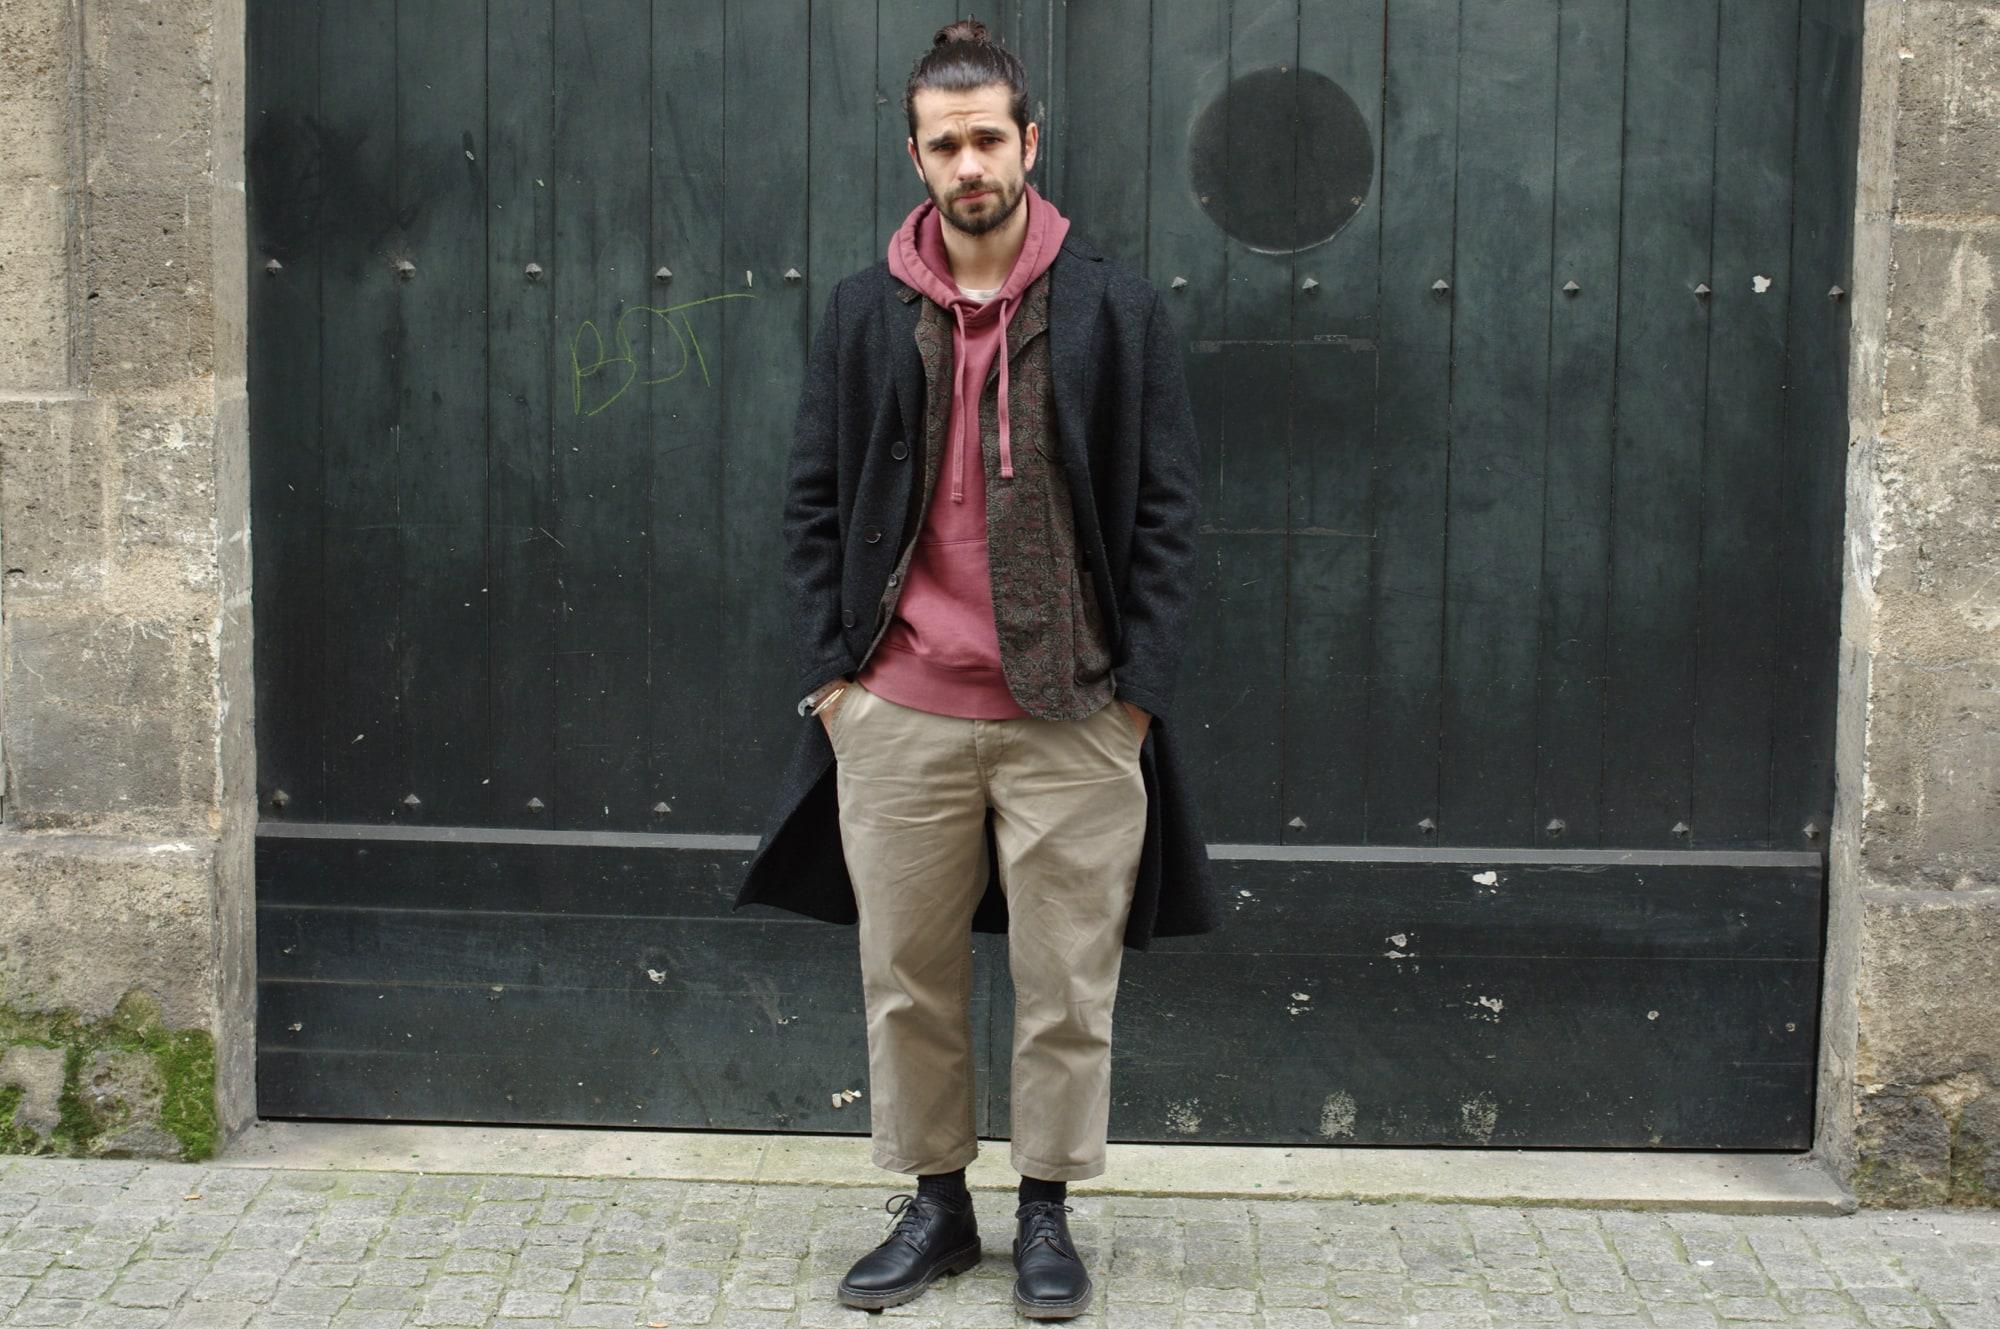 porter un manteau long avec un hoodie dans un style homme masculin harriw wharf london boiled wool coat